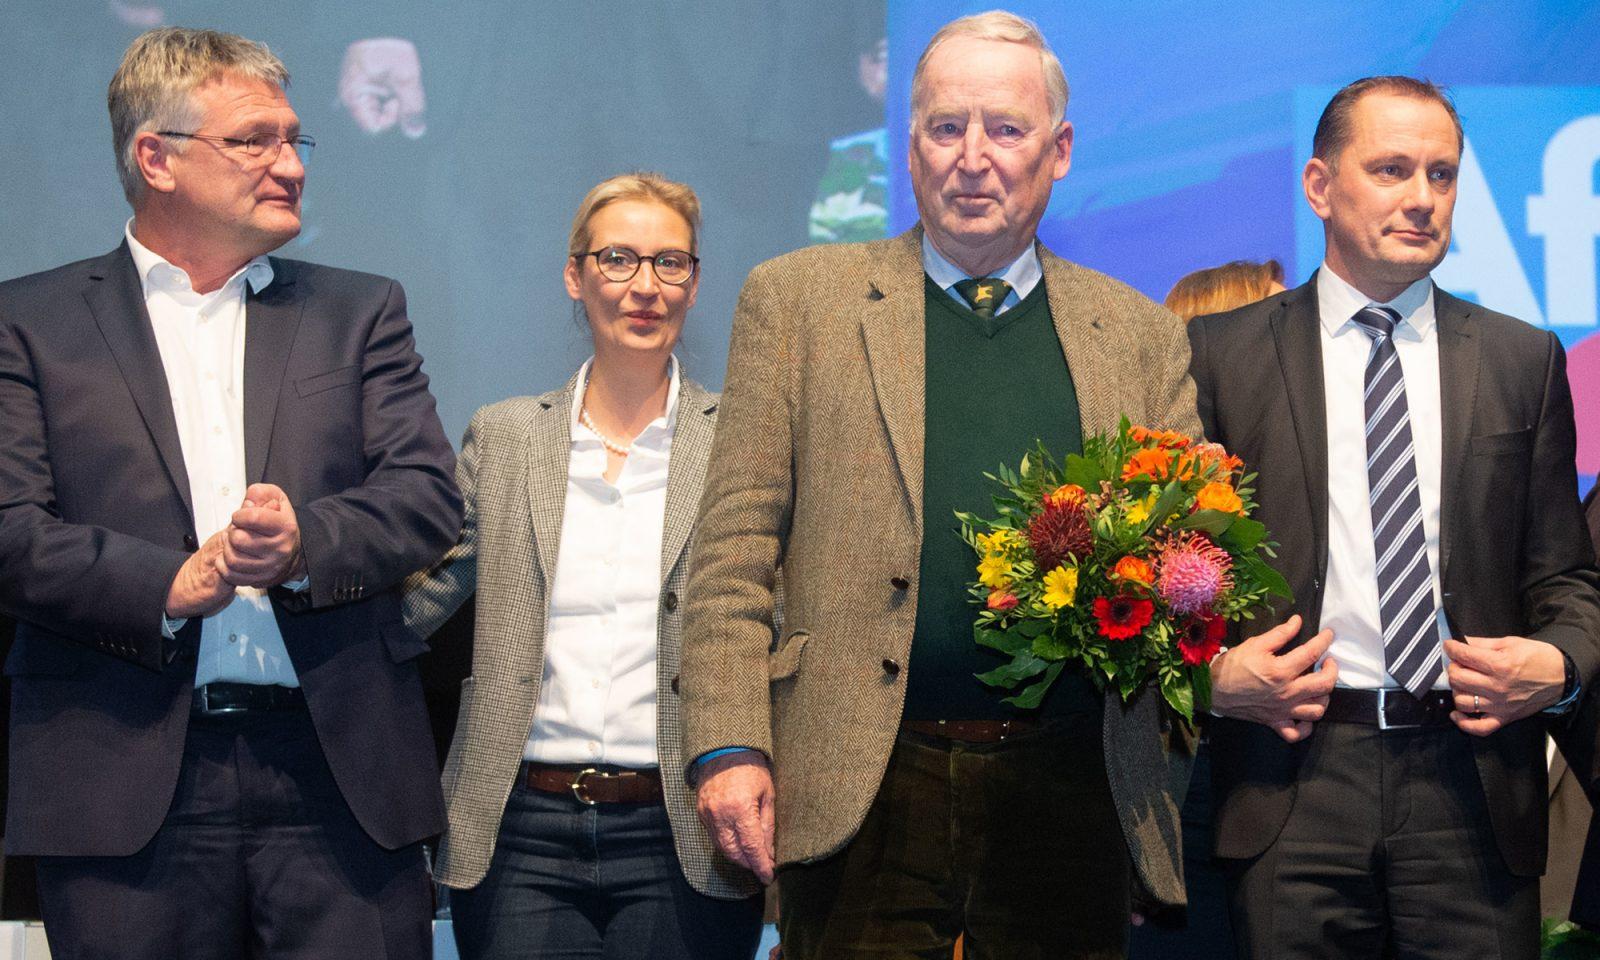 Die AfD-Parteichefs Jörg Meuthen (l.) und Tino Chrupalla (r.) sowie die Fraktionschefs Alice Weidel und Alexander Gauland